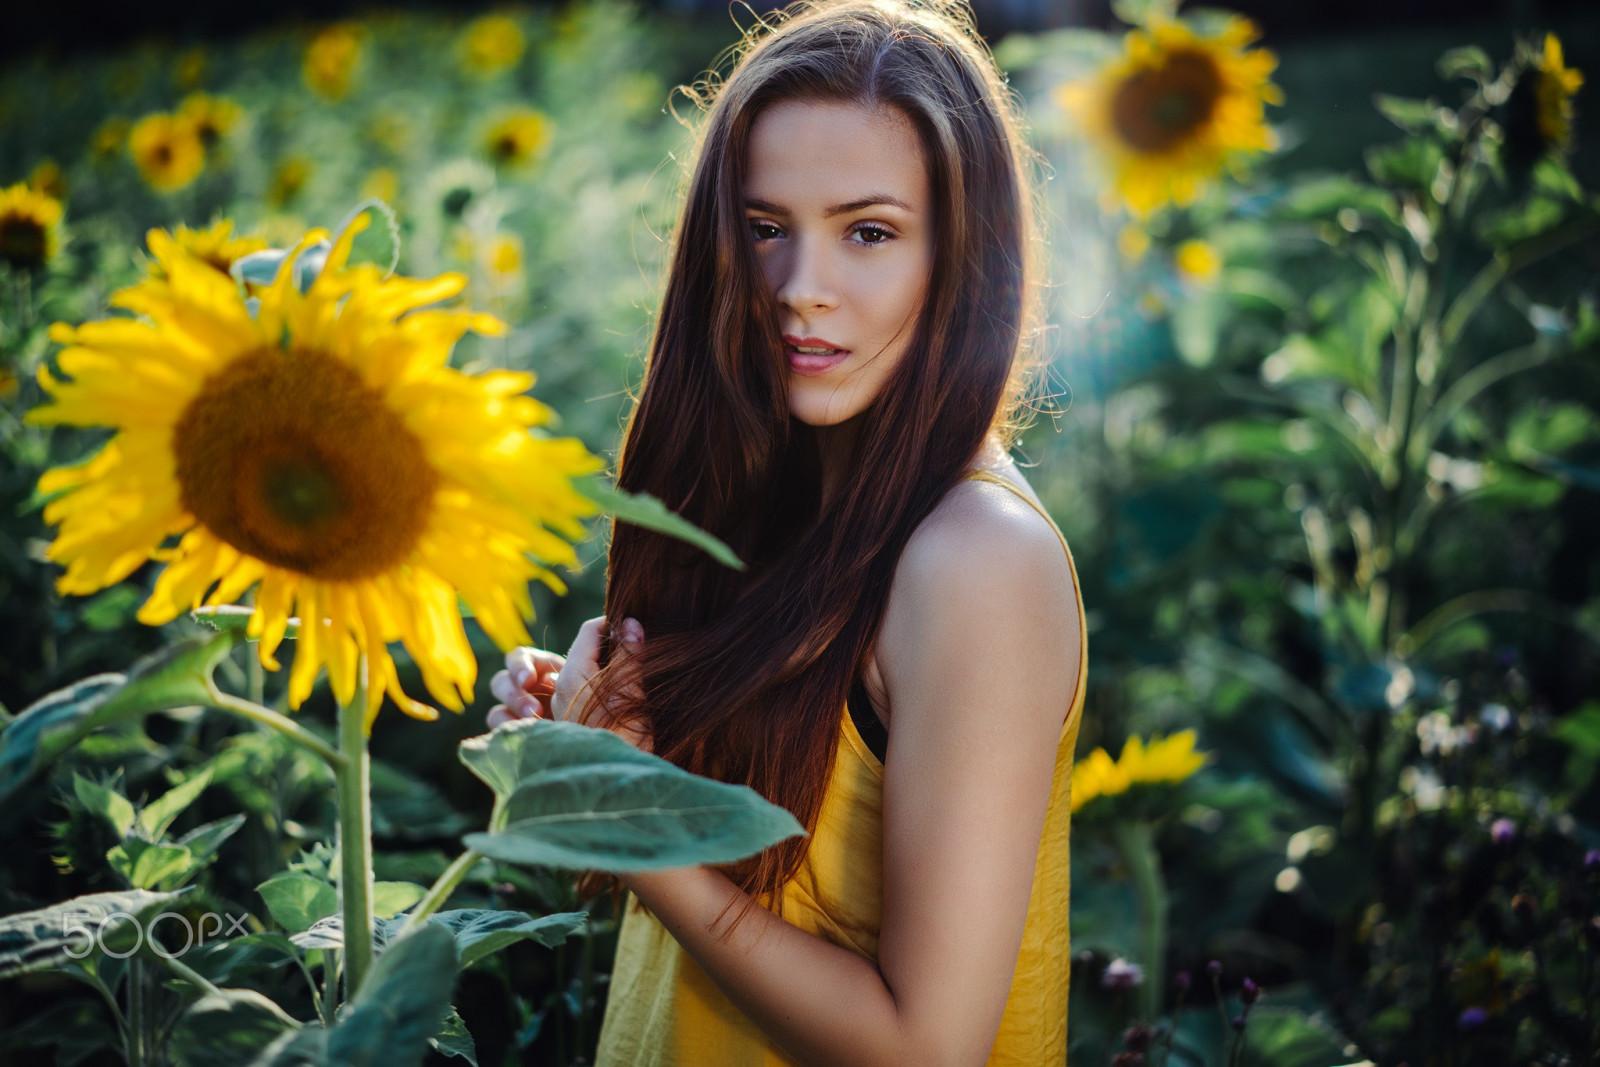 Hintergrundbilder  Gesicht Sonnenlicht Frauen im Freien